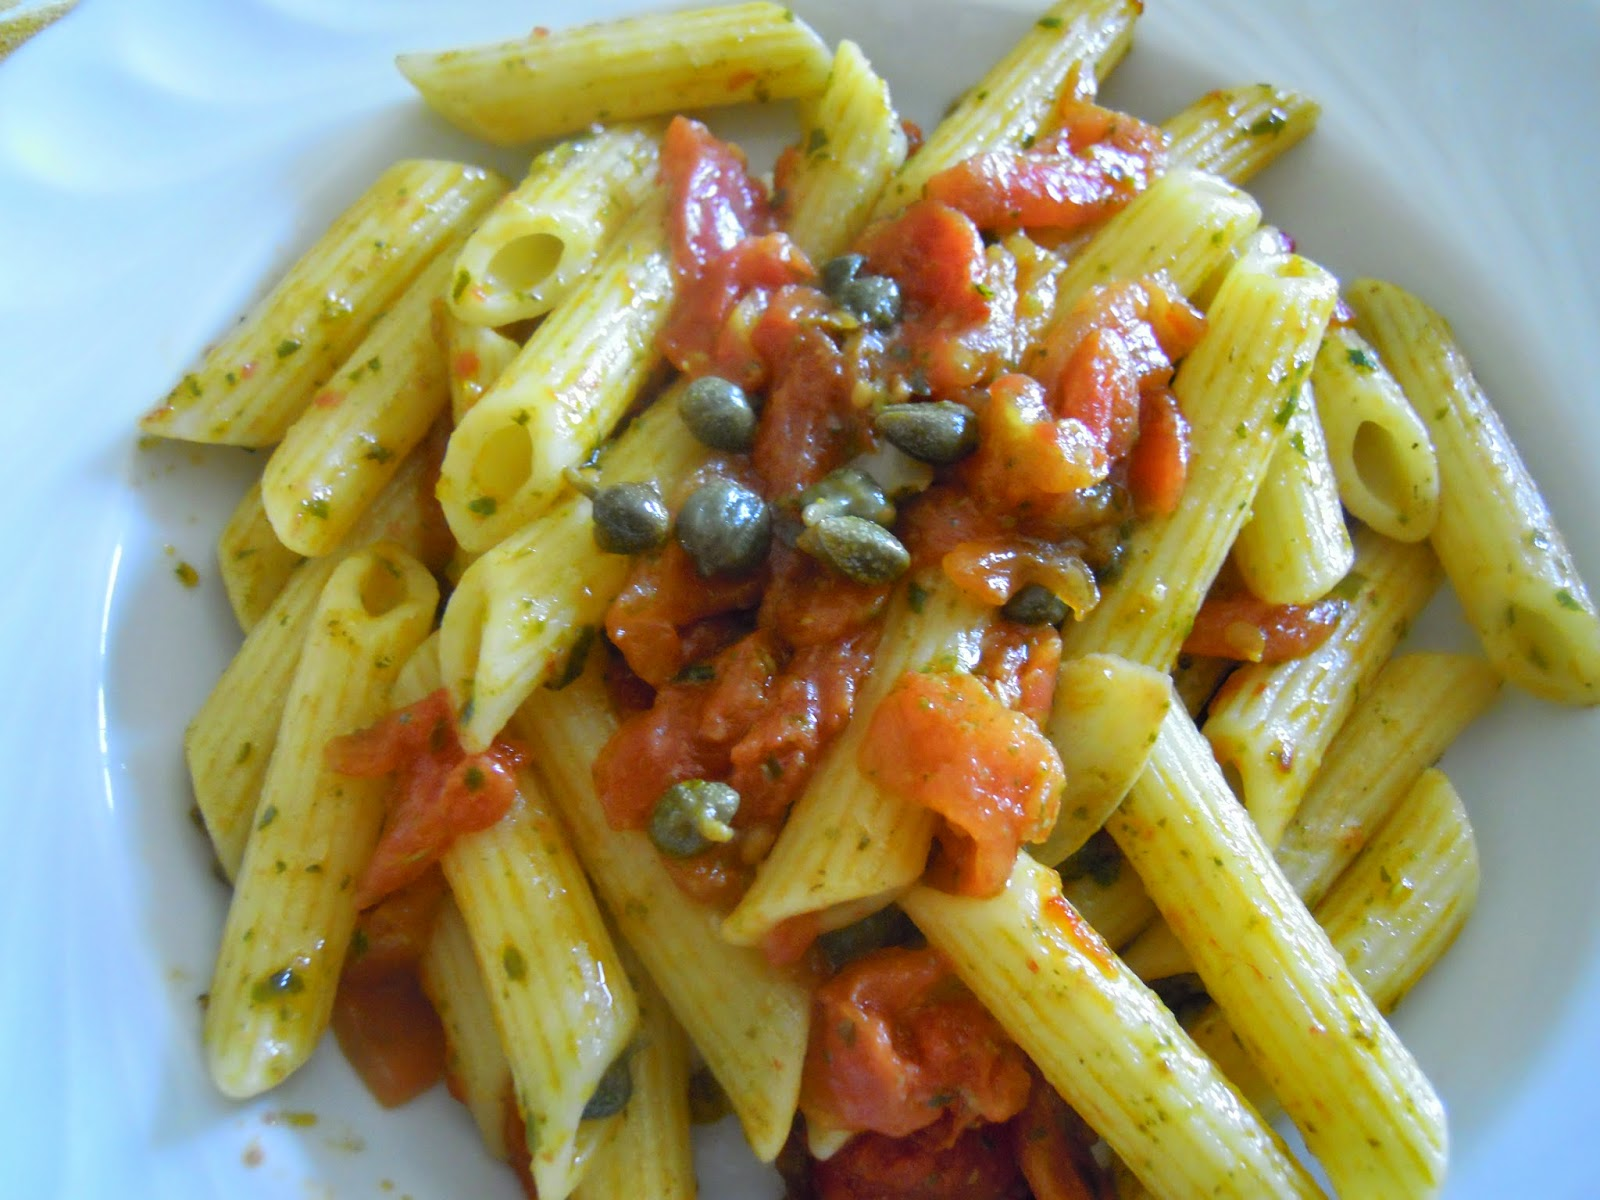 http://cresciutiapastasciutta.blogspot.it/2015/01/expo-capperi-radicchio-e-provole.html